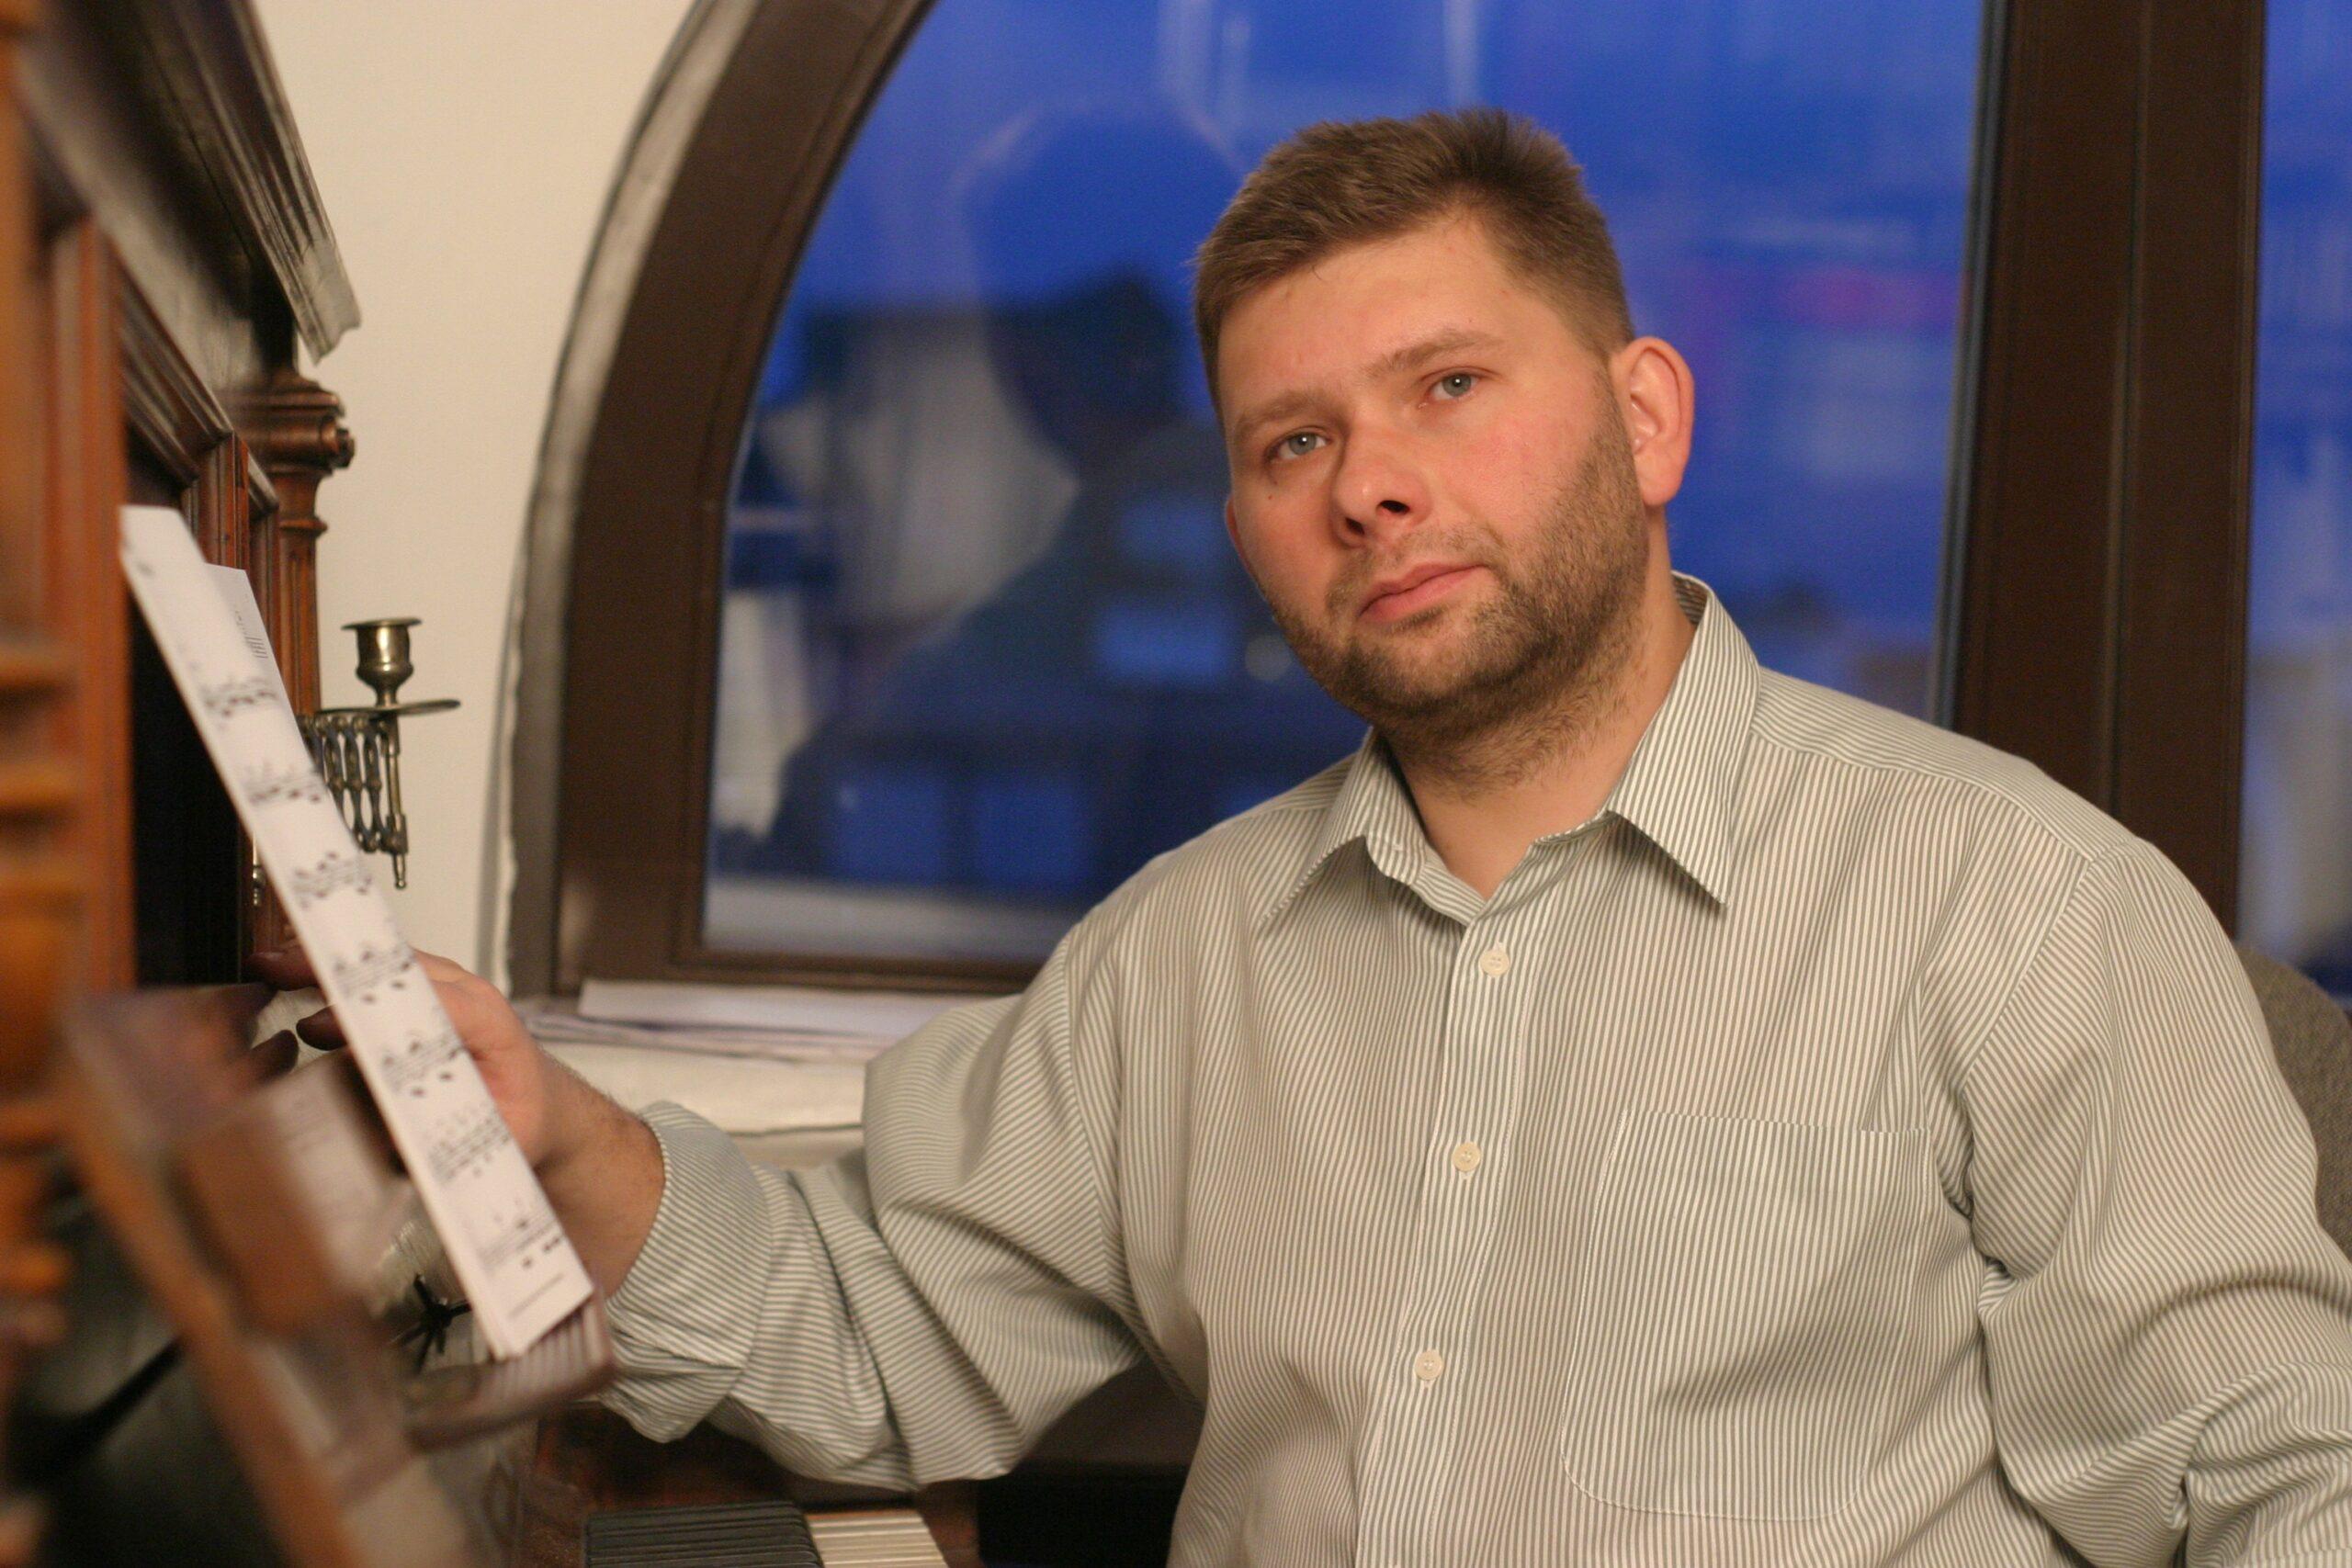 Paewł Łukaszewski nominowany do Nagrody im. Norwida w kategorii muzyka 2020